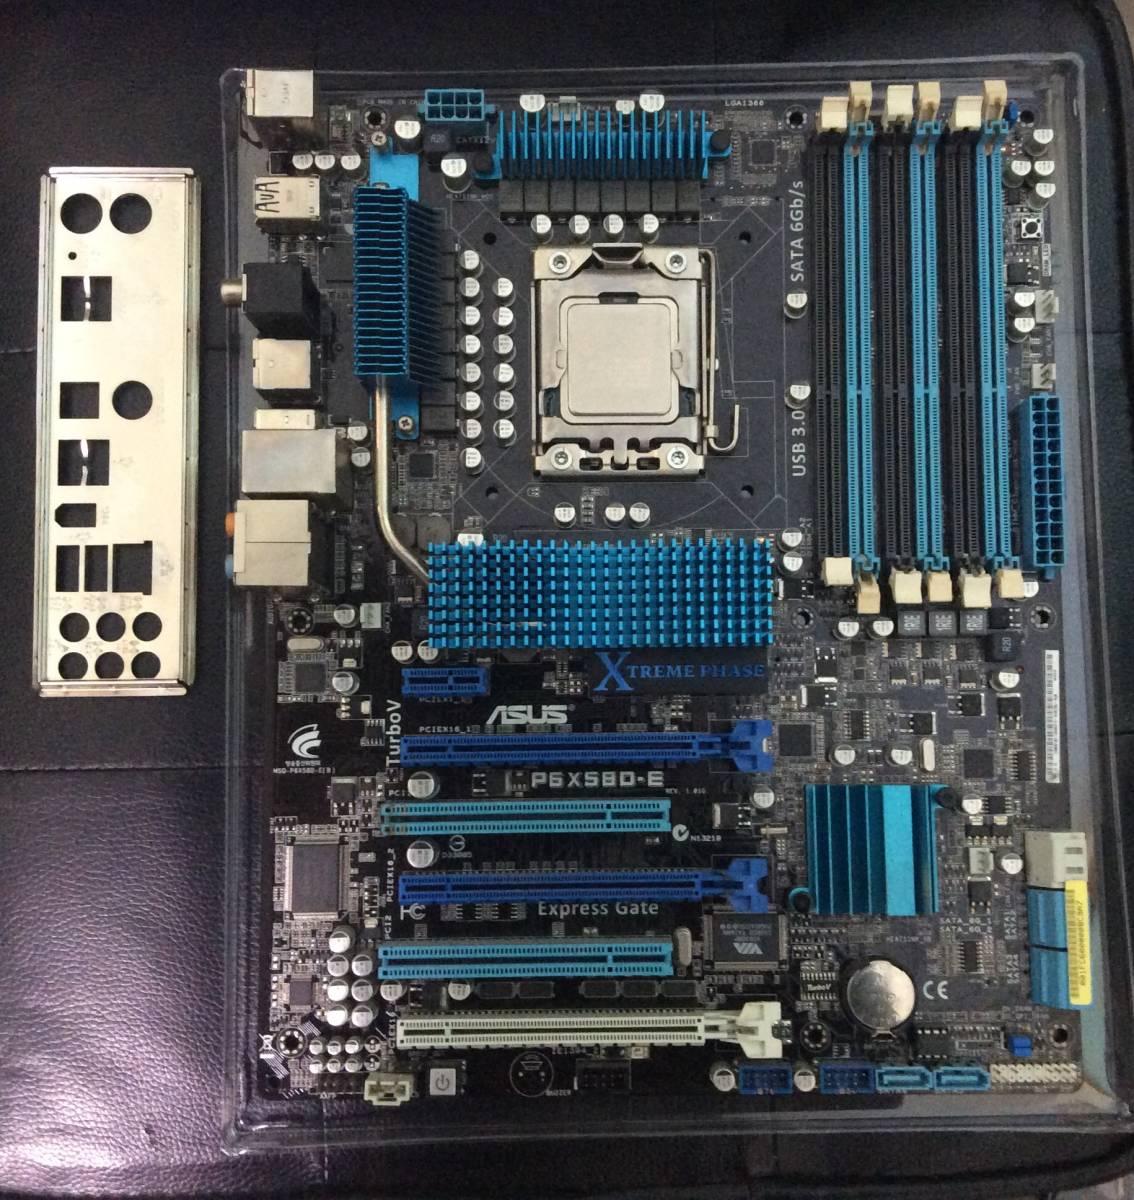 cpu core i7 970の値段と価格推移は? 14件の売買情報を集計